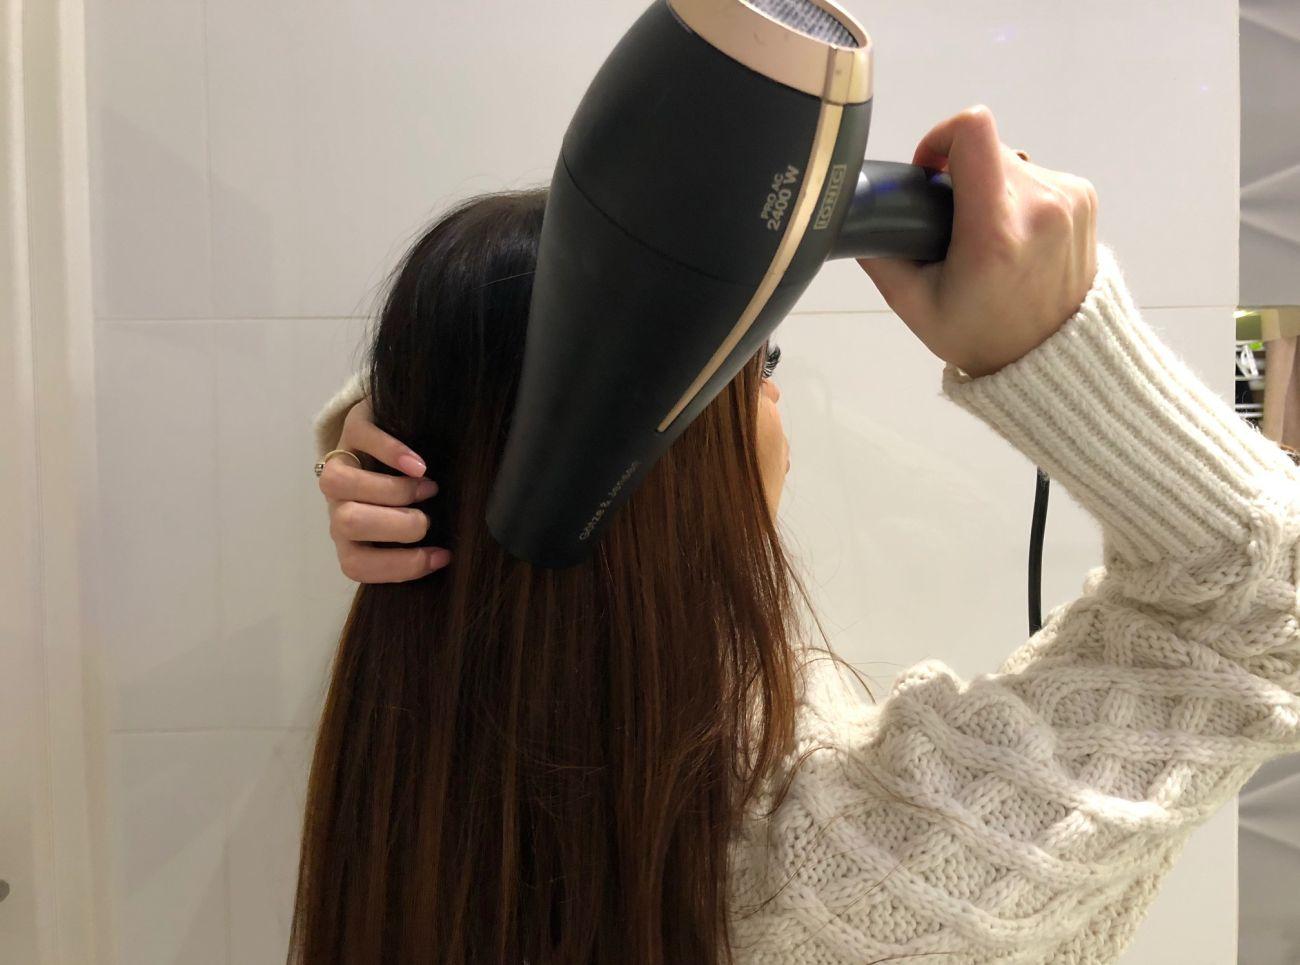 Robienie loków prostownicą - krok 2 - suszenie włosów